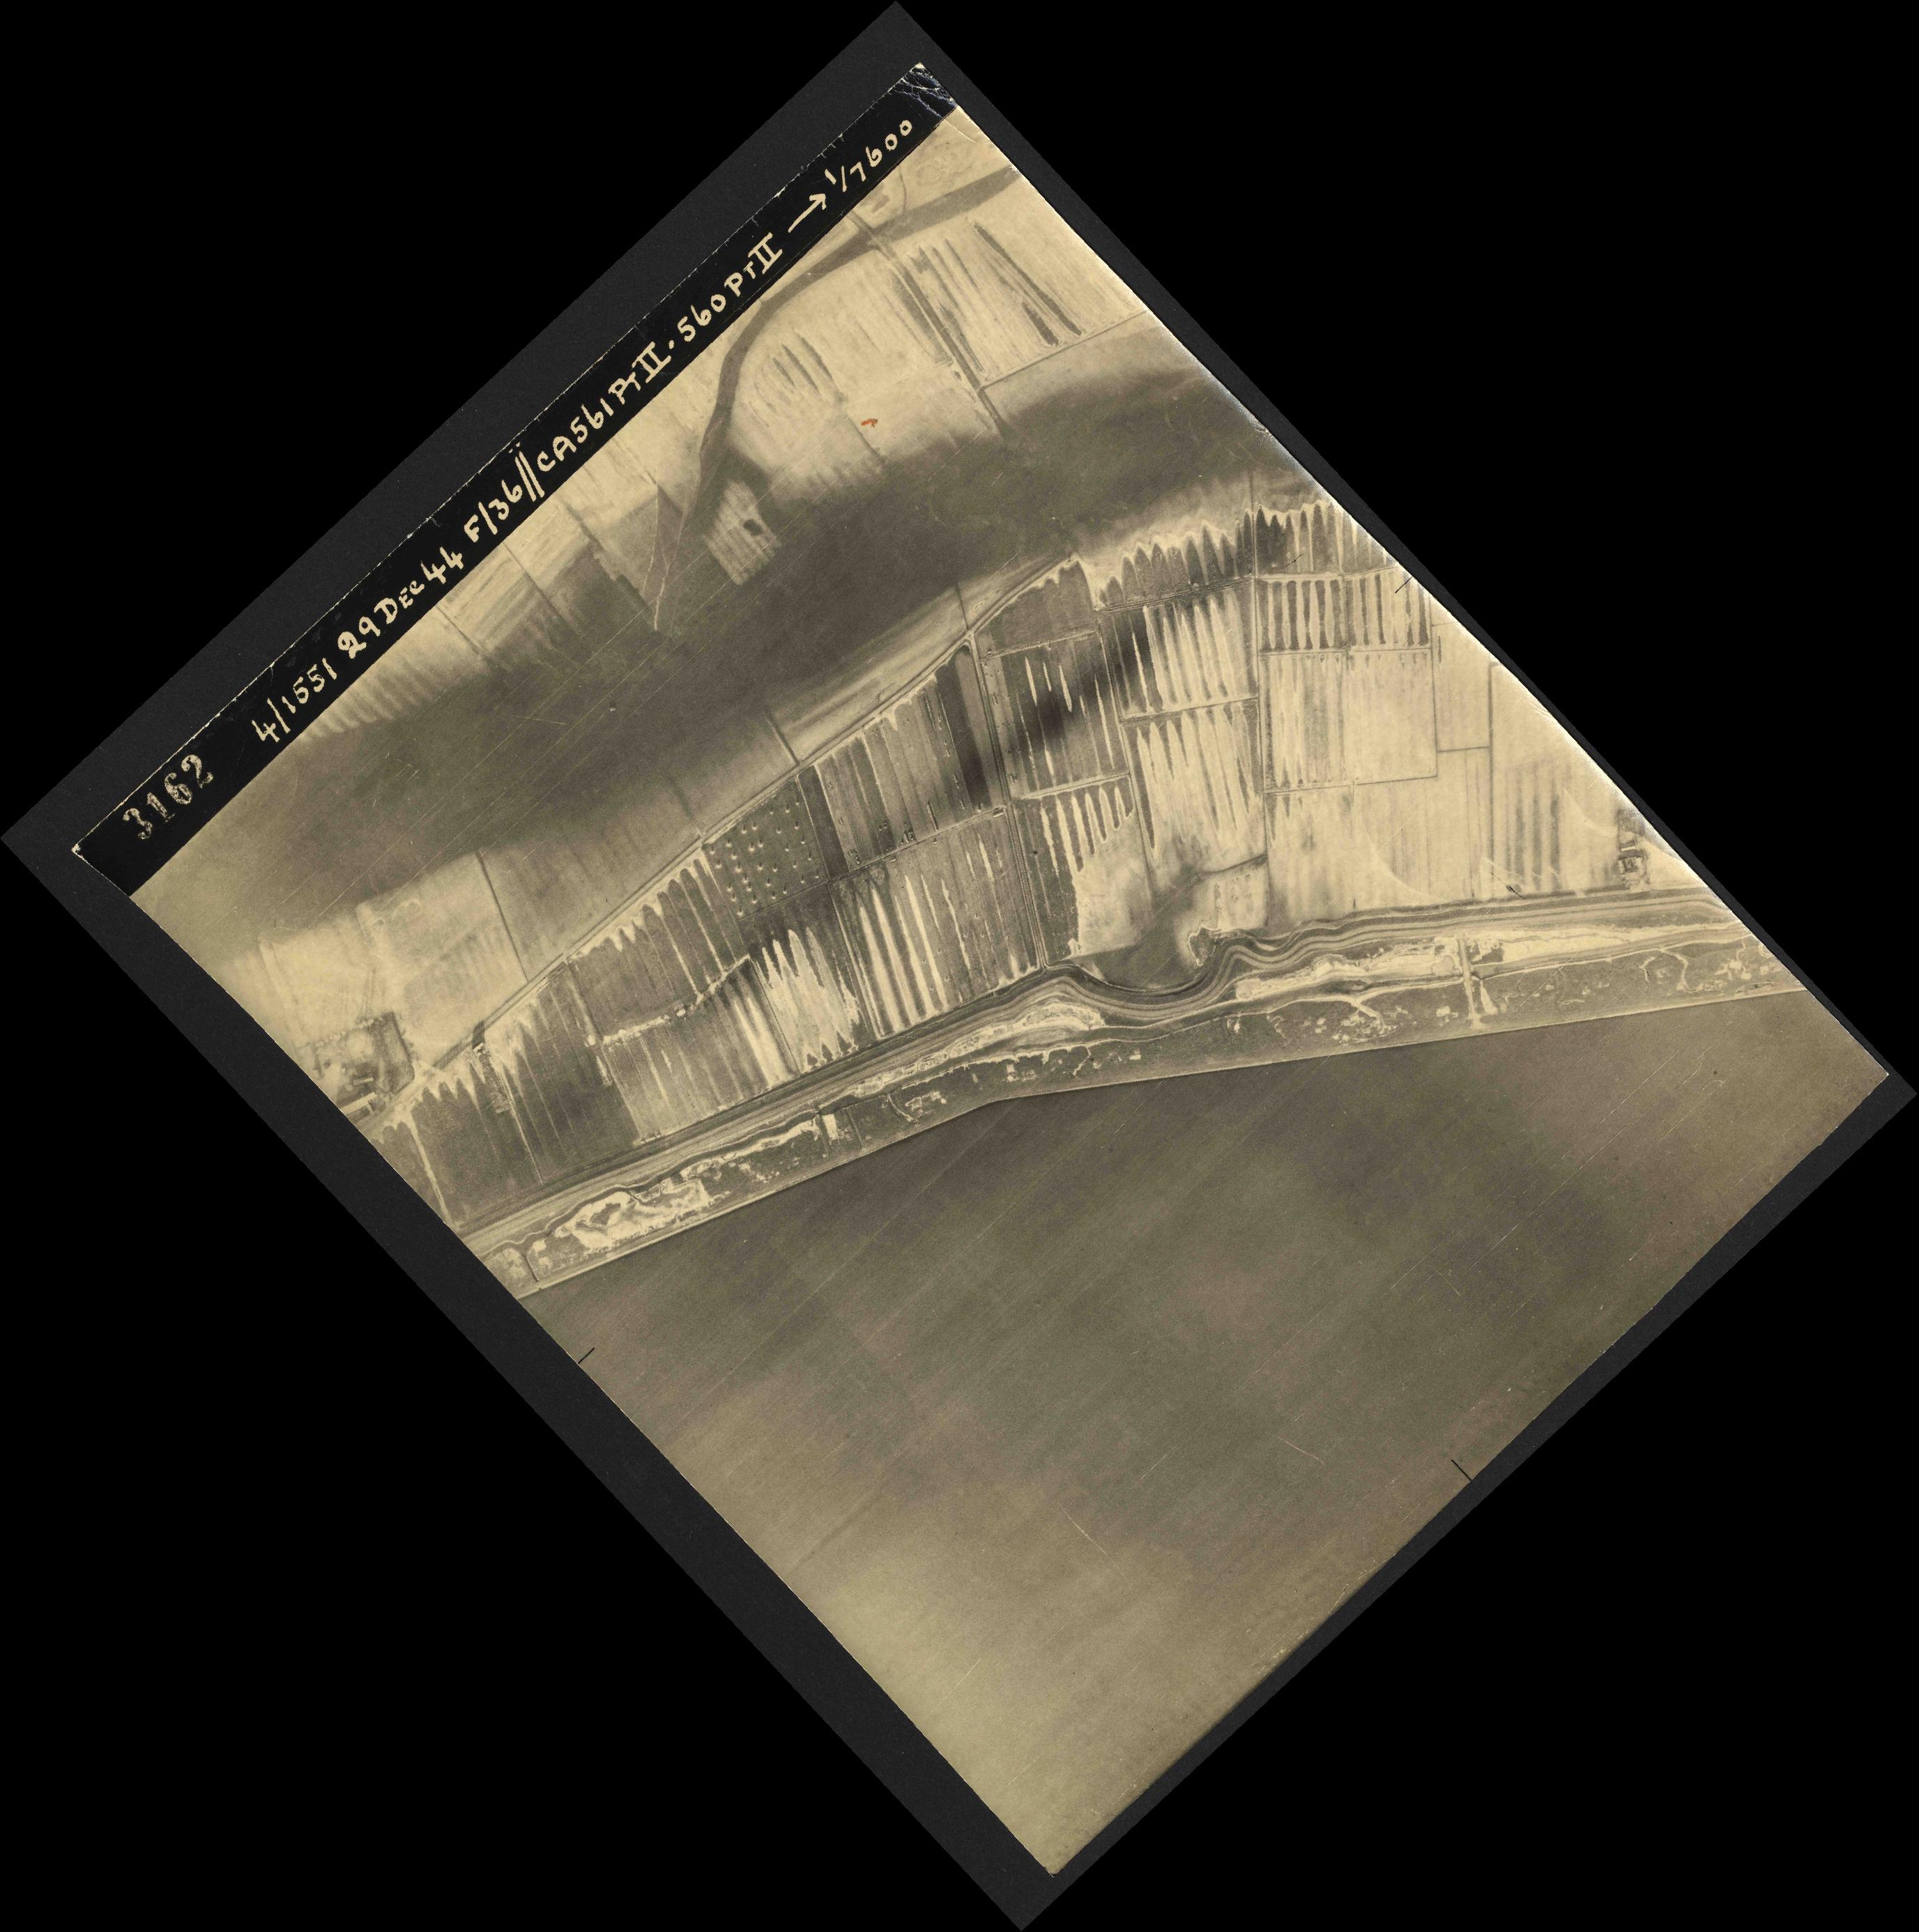 Collection RAF aerial photos 1940-1945 - flight 092, run 14, photo 3162